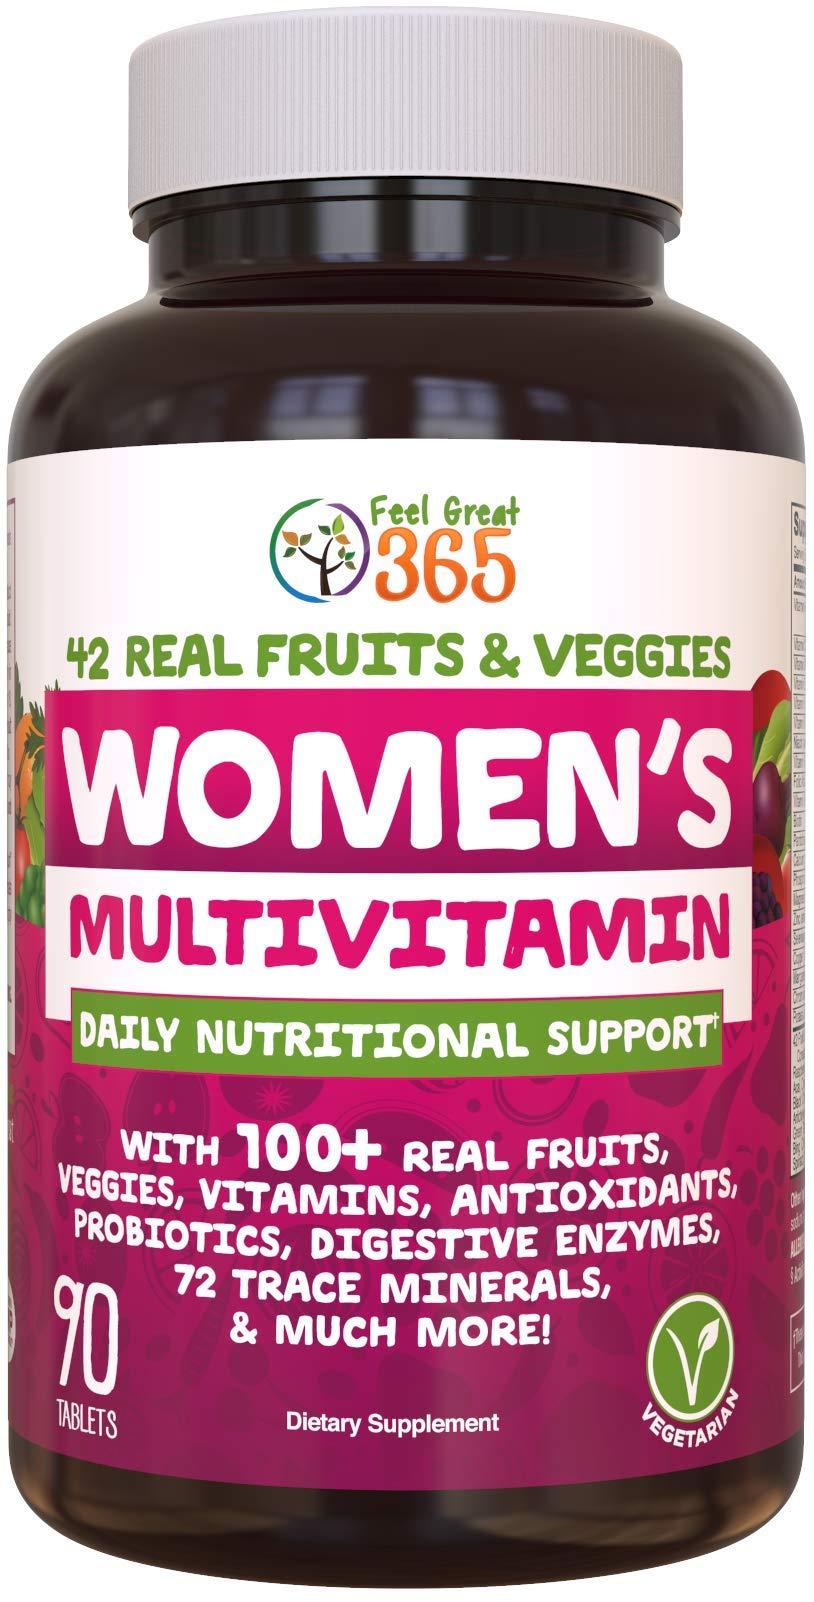 Women's Vegetarian Multivitamin by Feel Great 365